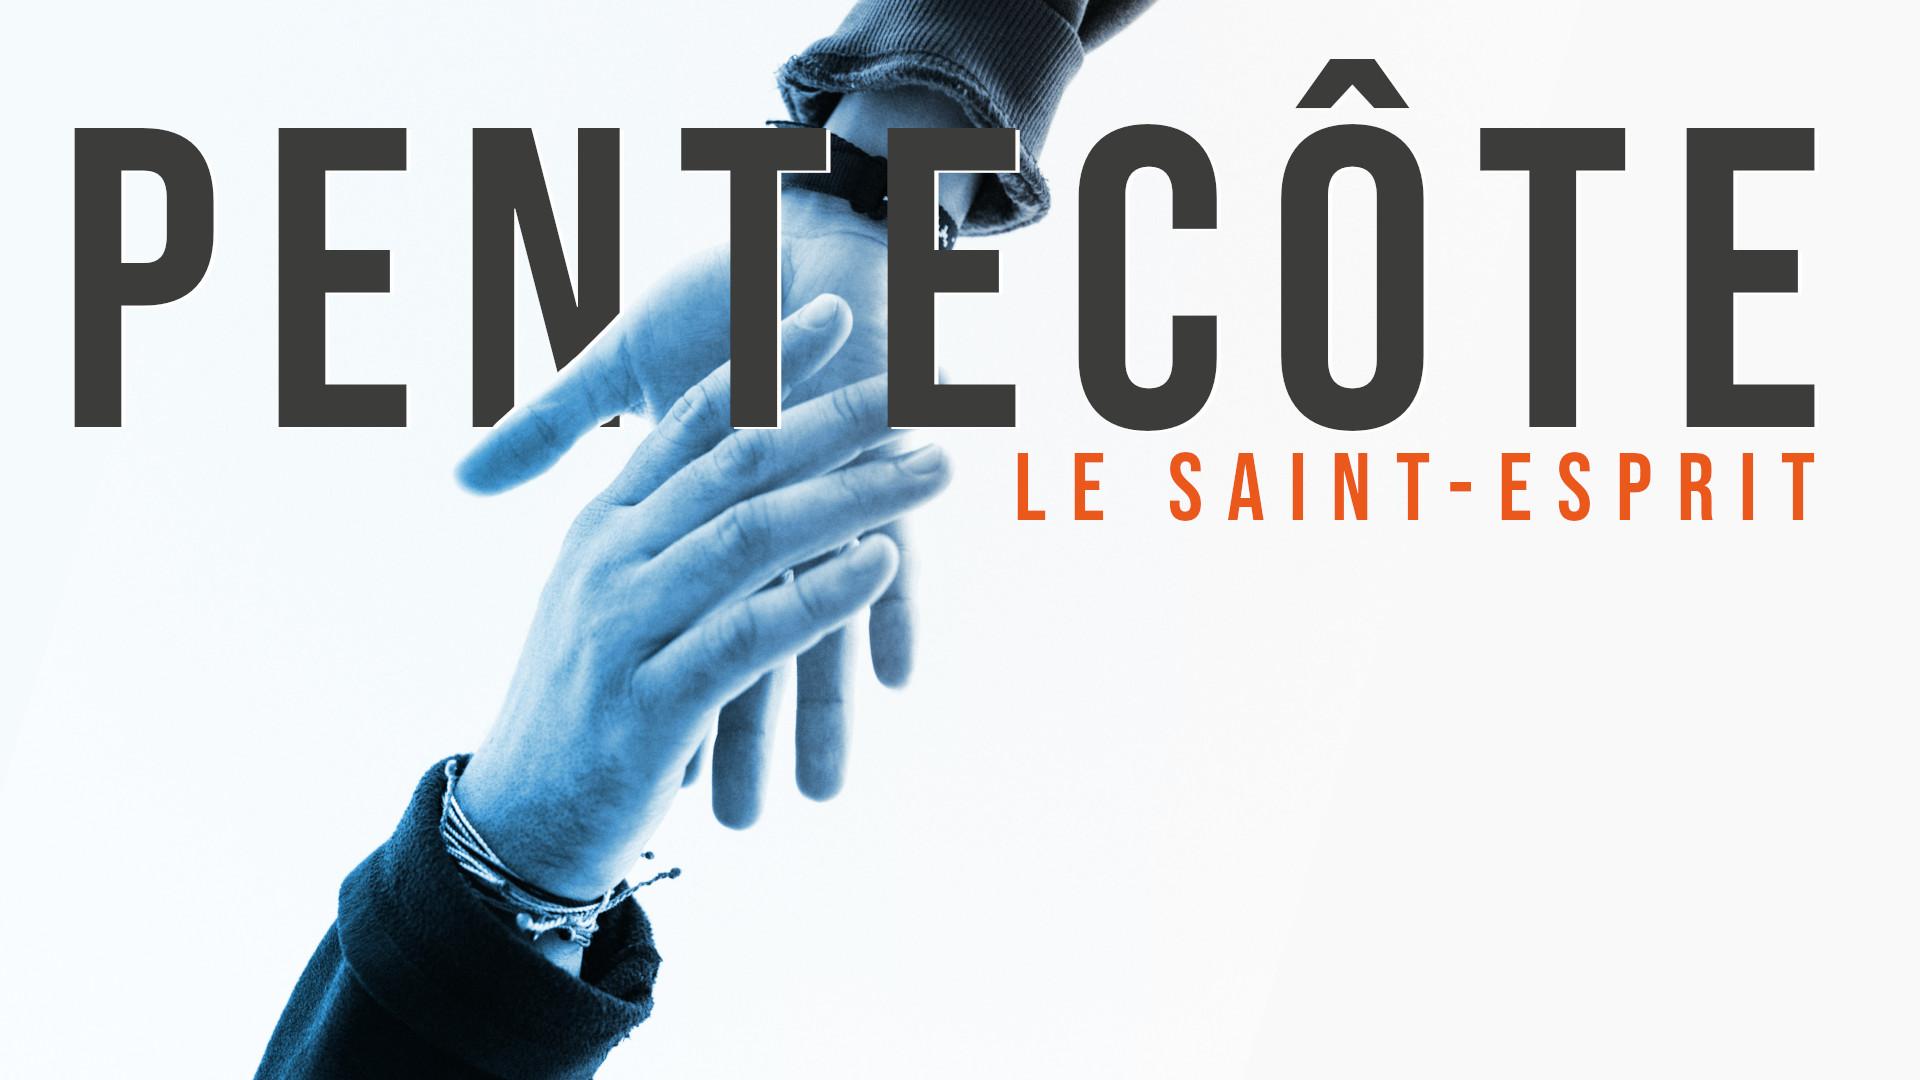 Pentecôte - Le Saint Esprit